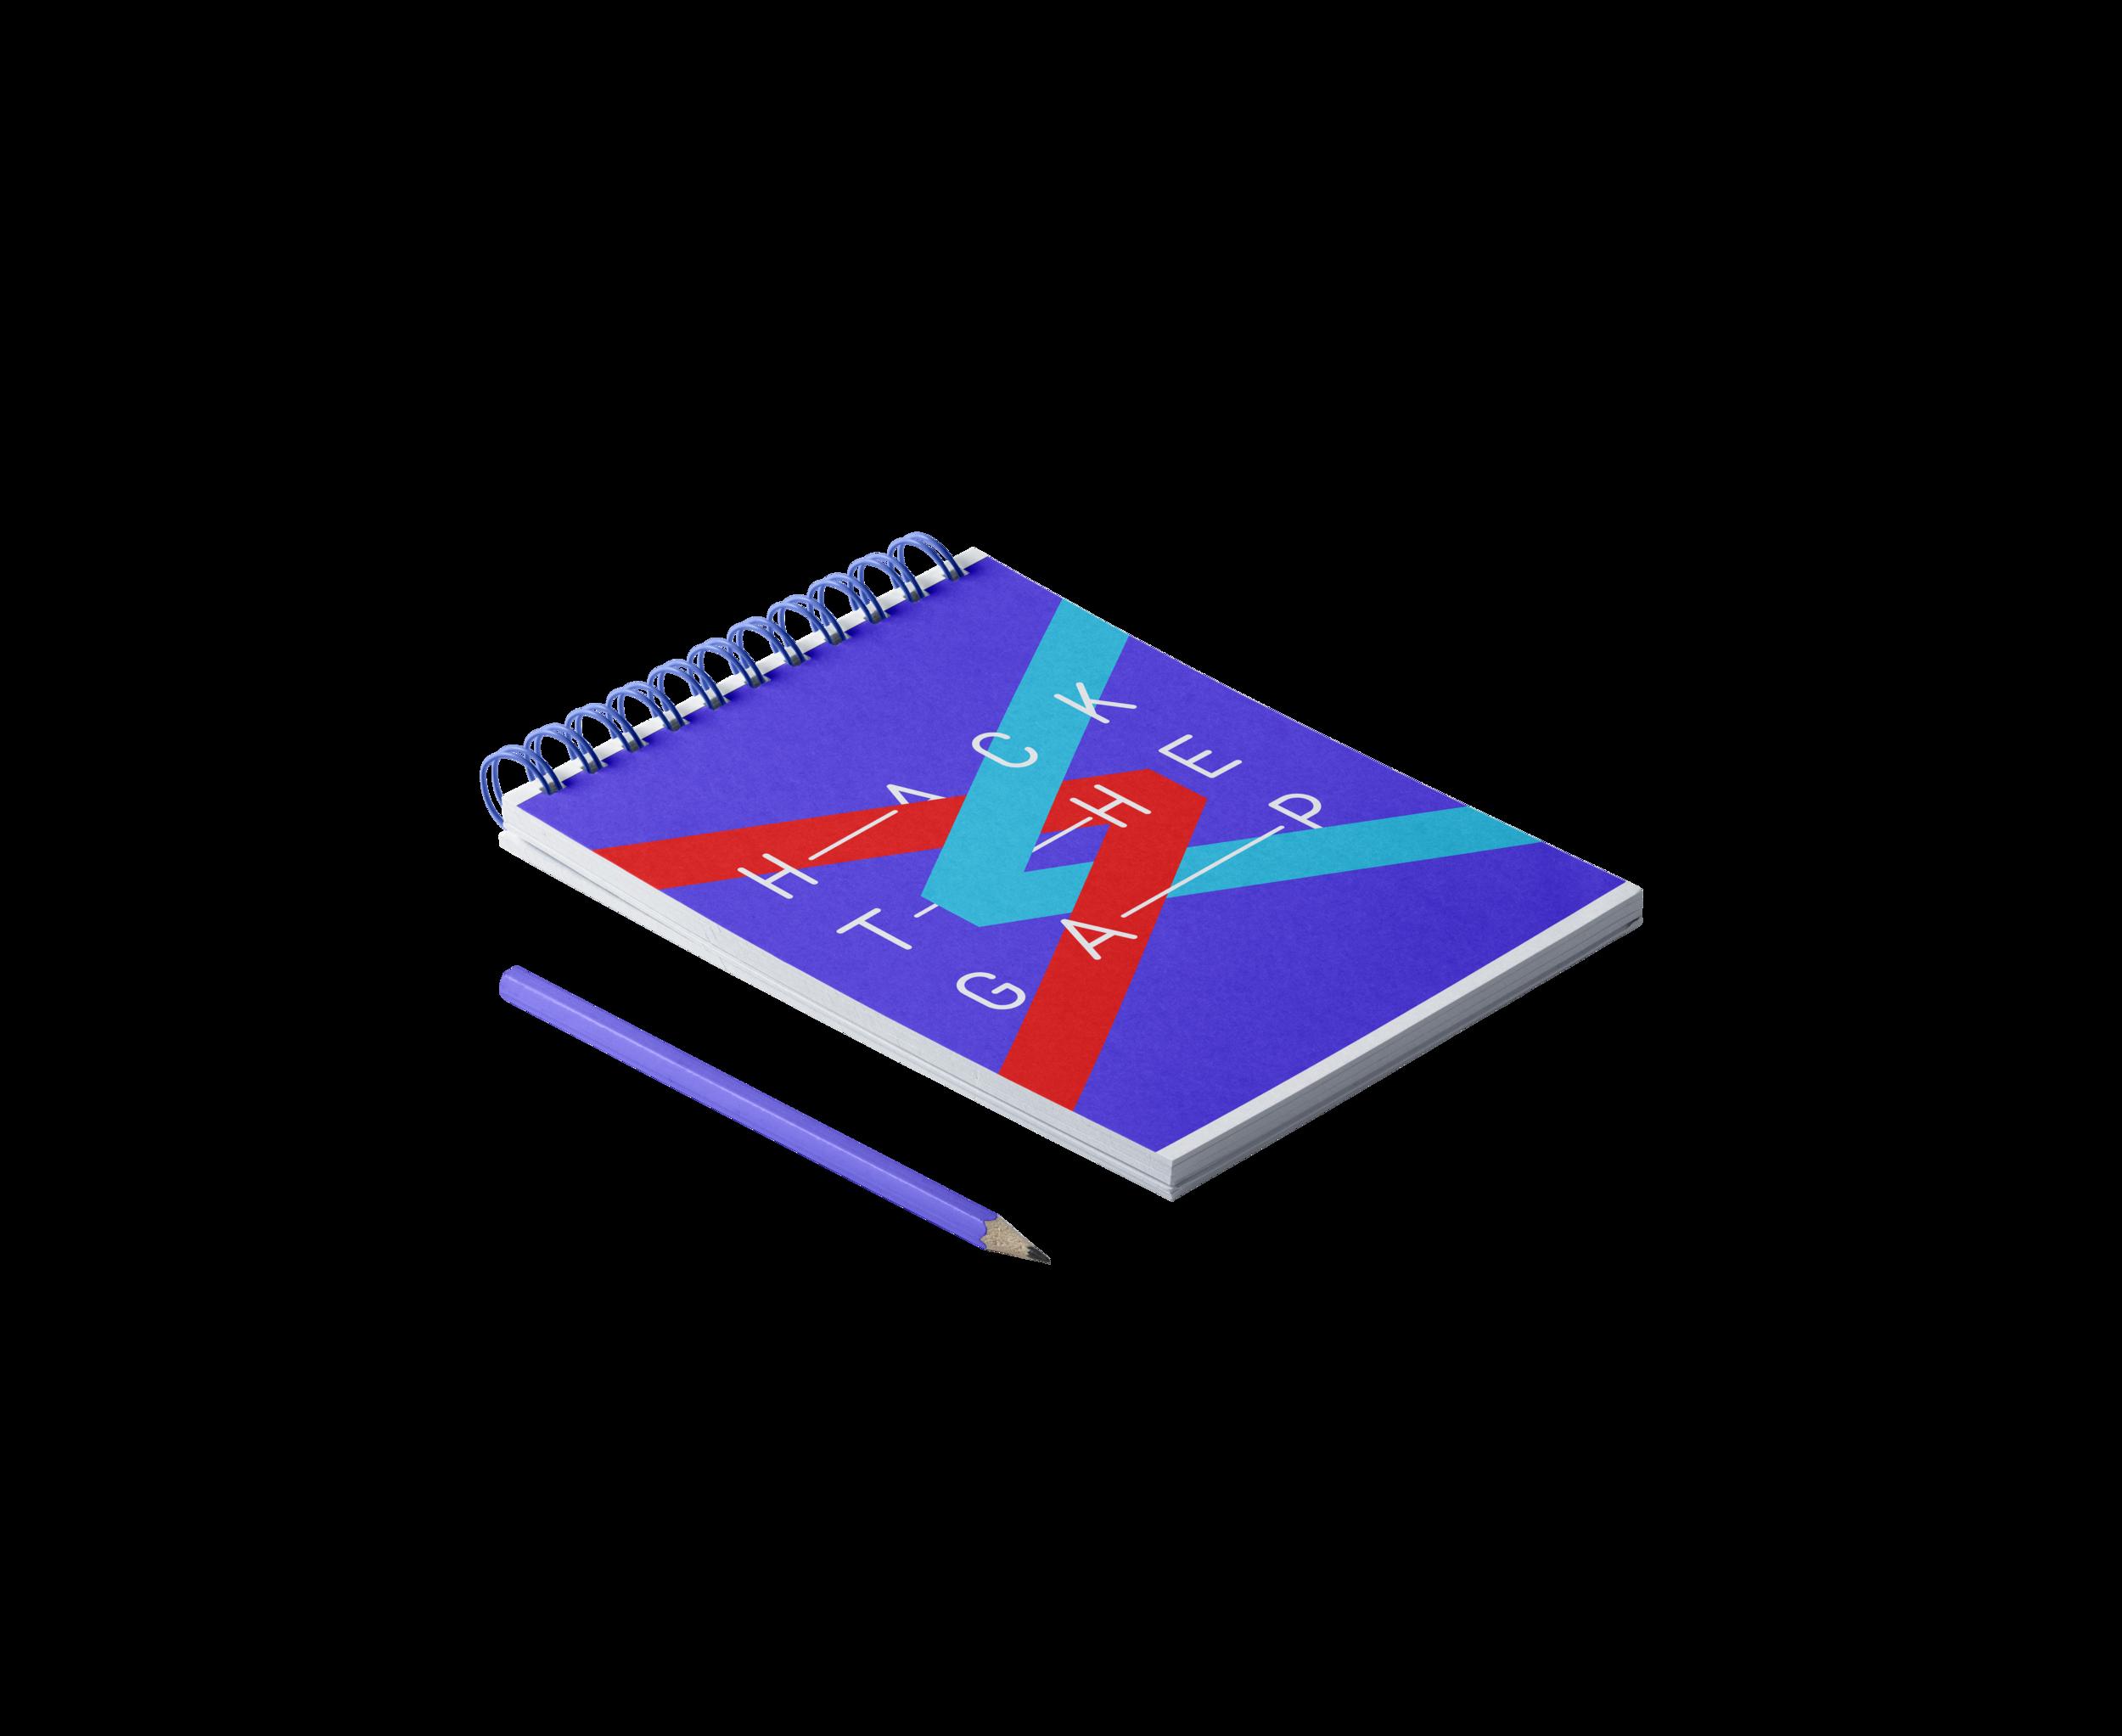 Ringed-Notepad-Mockup-vol2.png